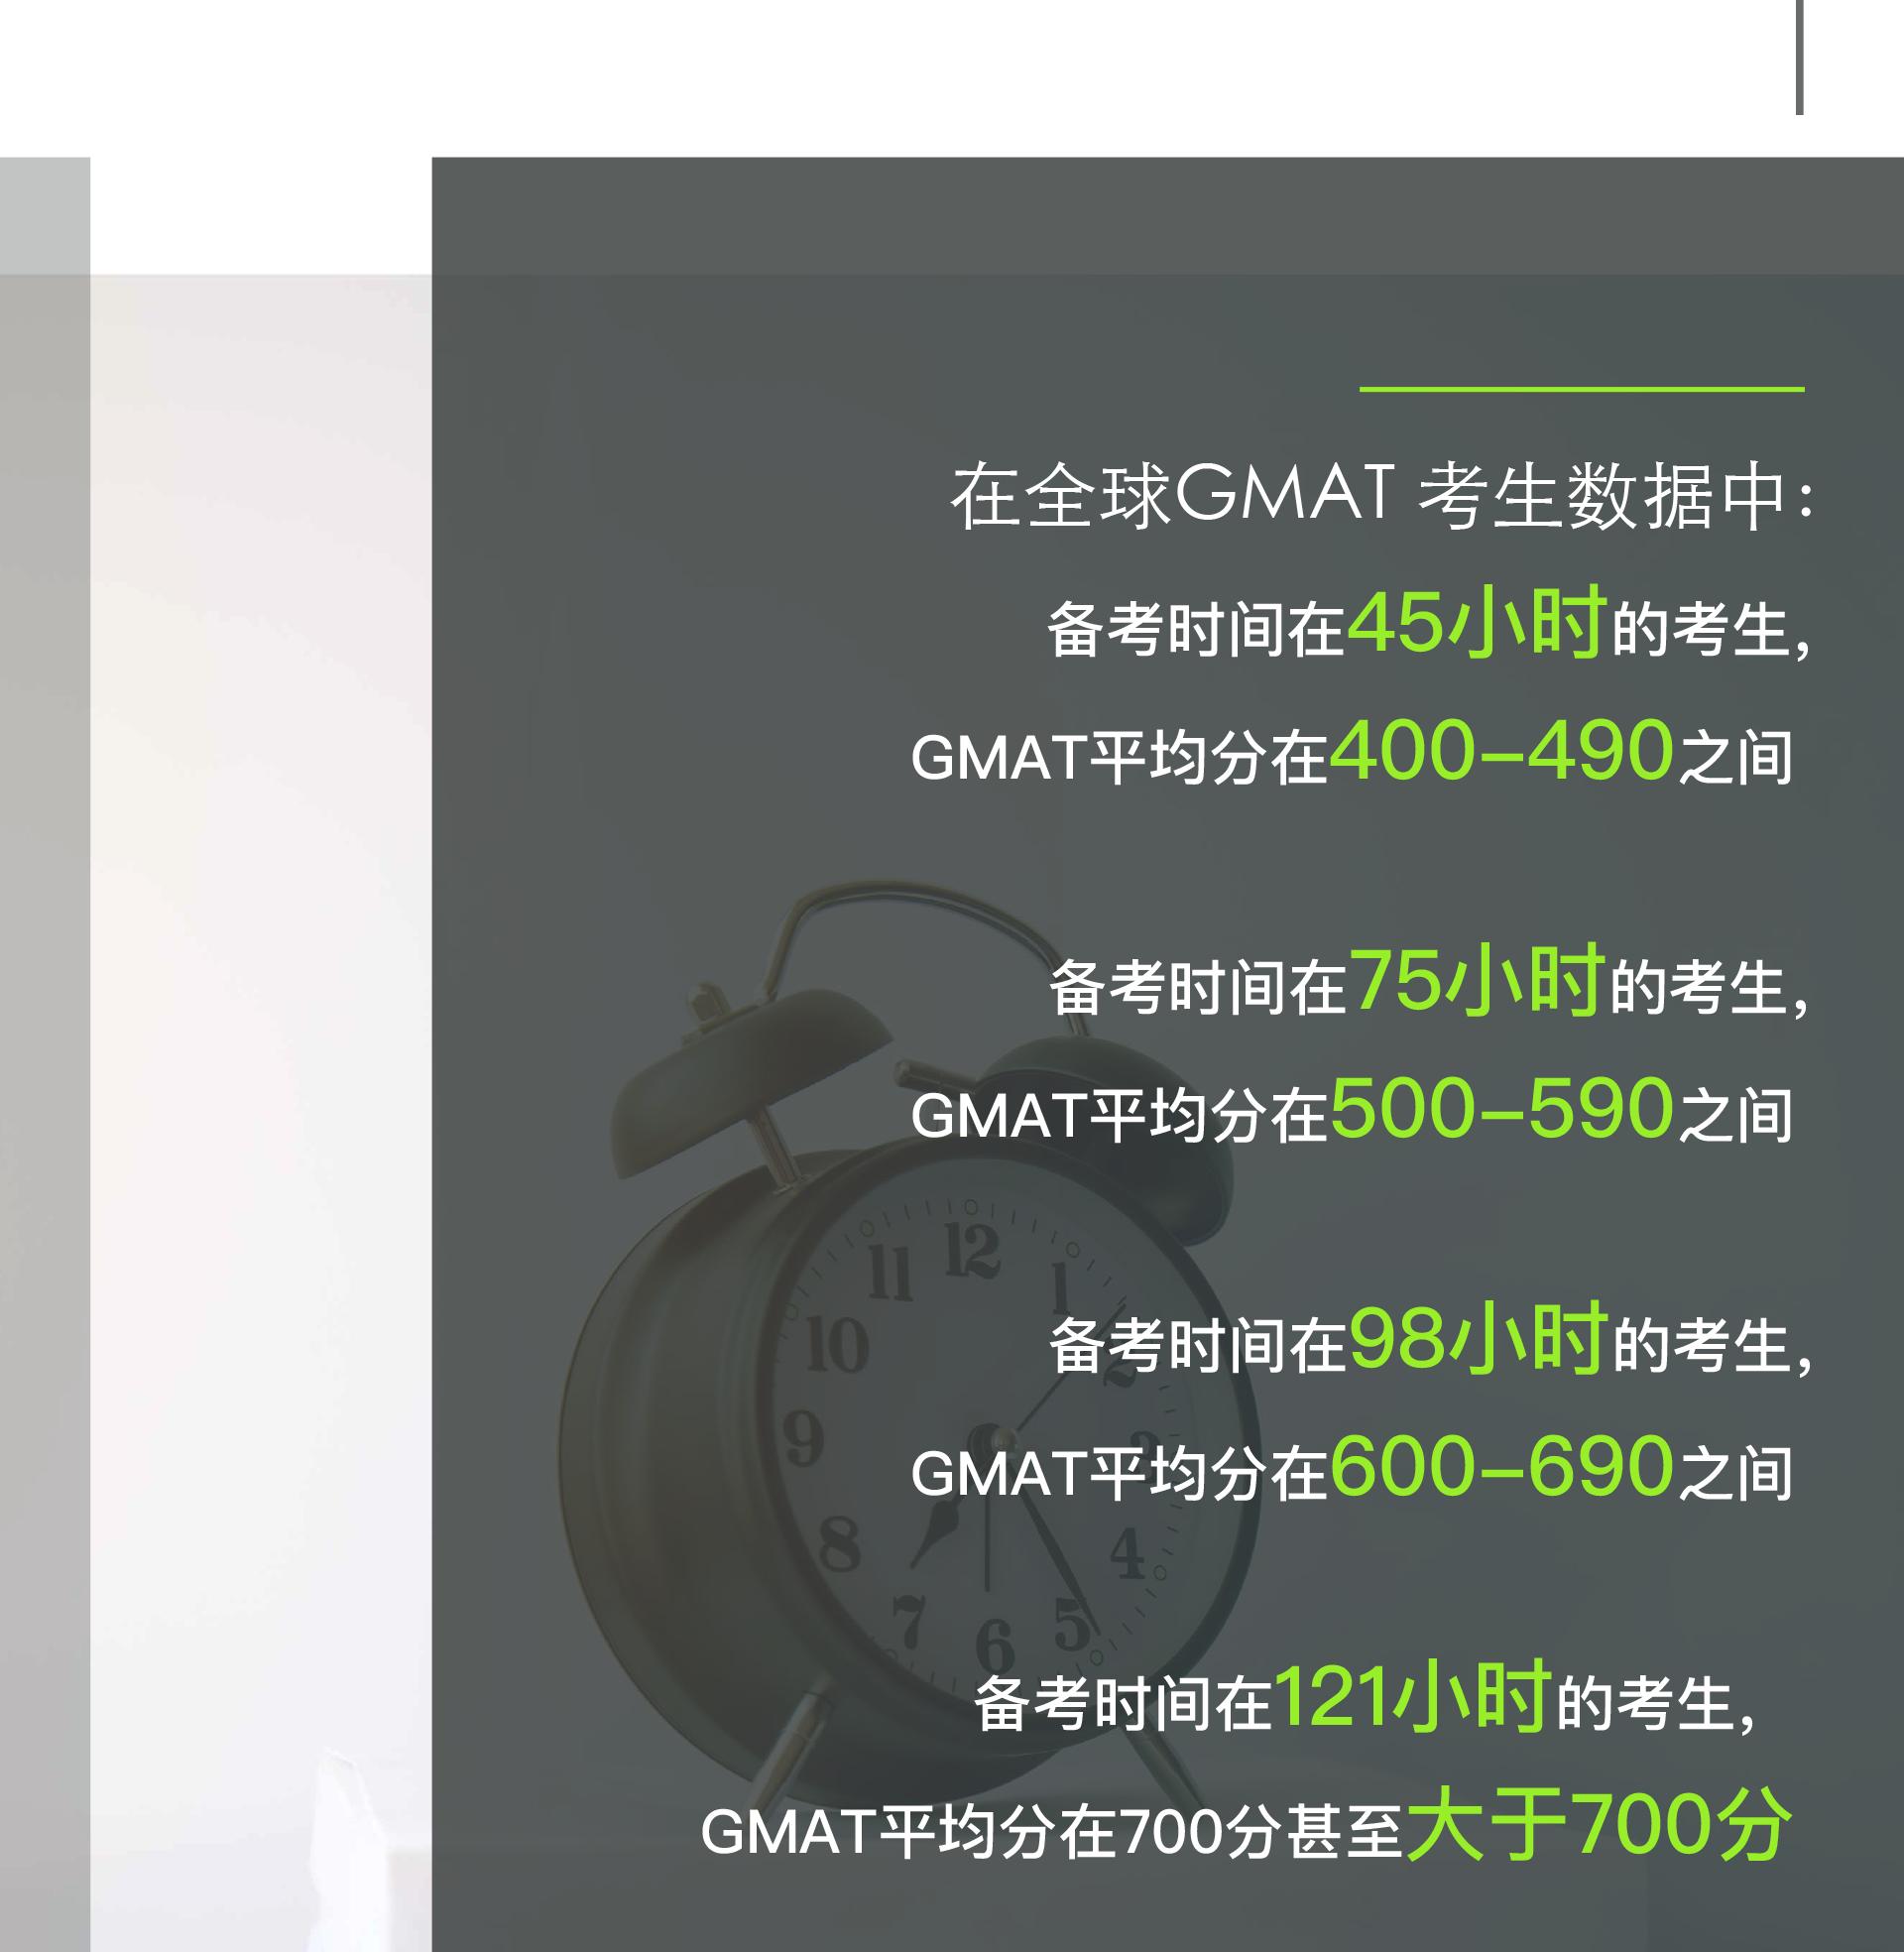 在全球GMAT 考生数据中: